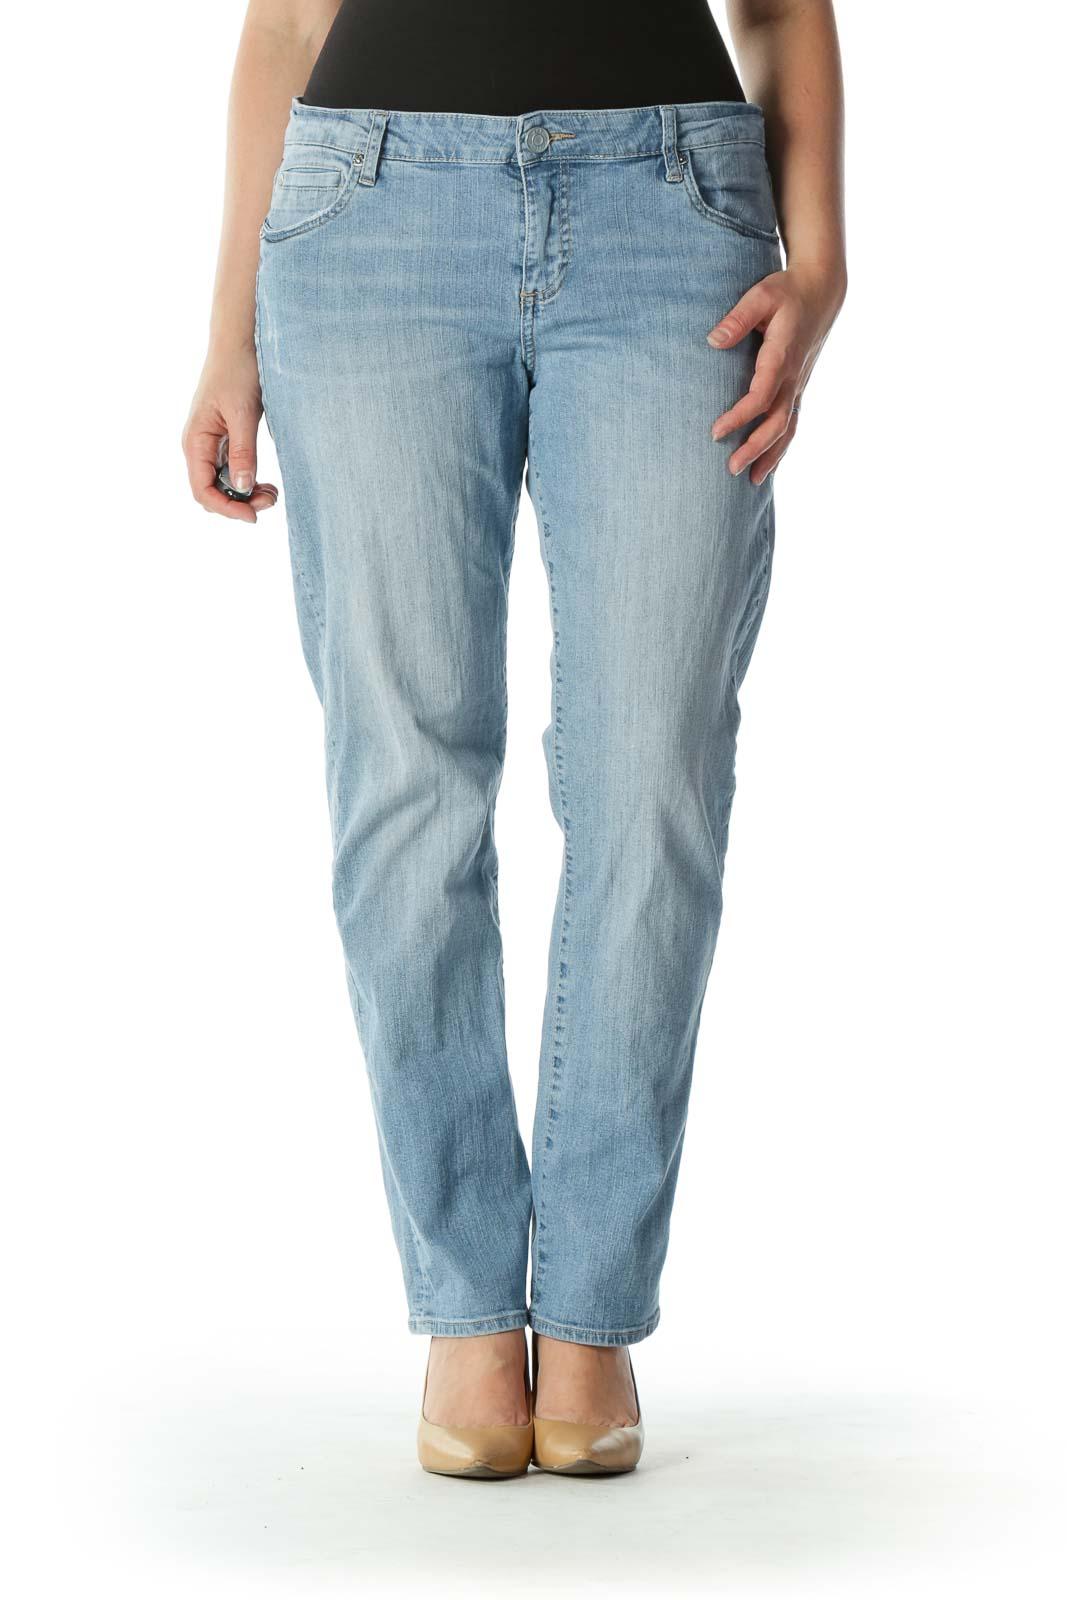 Blue Light Wash Denim Skinny Jeans Front